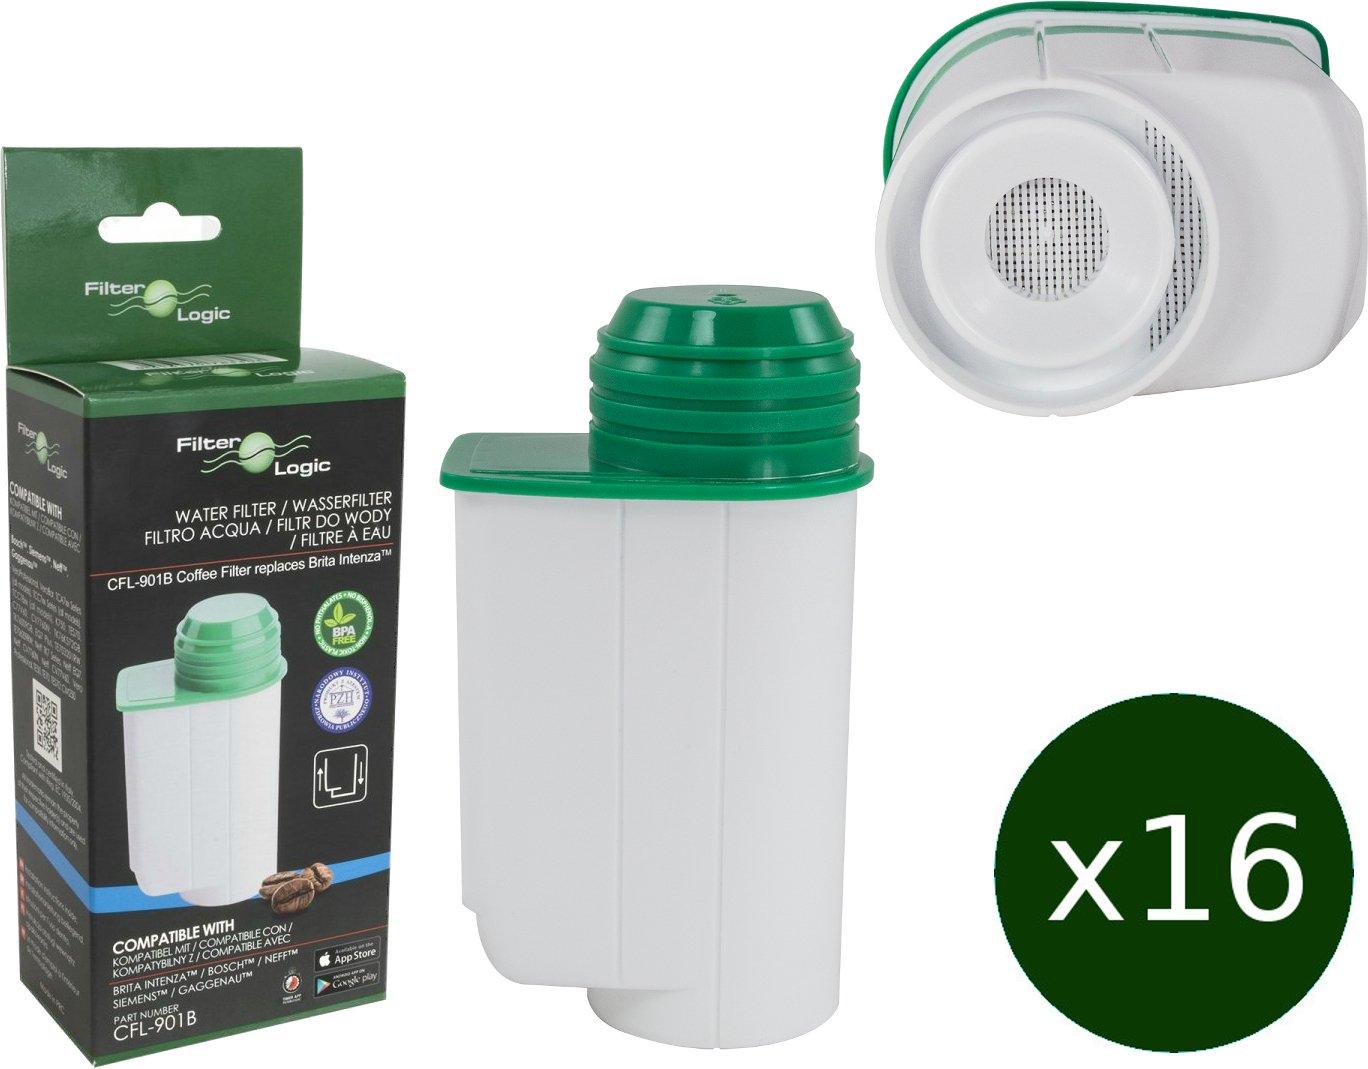 16 x FilterLogic CFL-901B - Filtro de agua reemplaza el cartucho ...